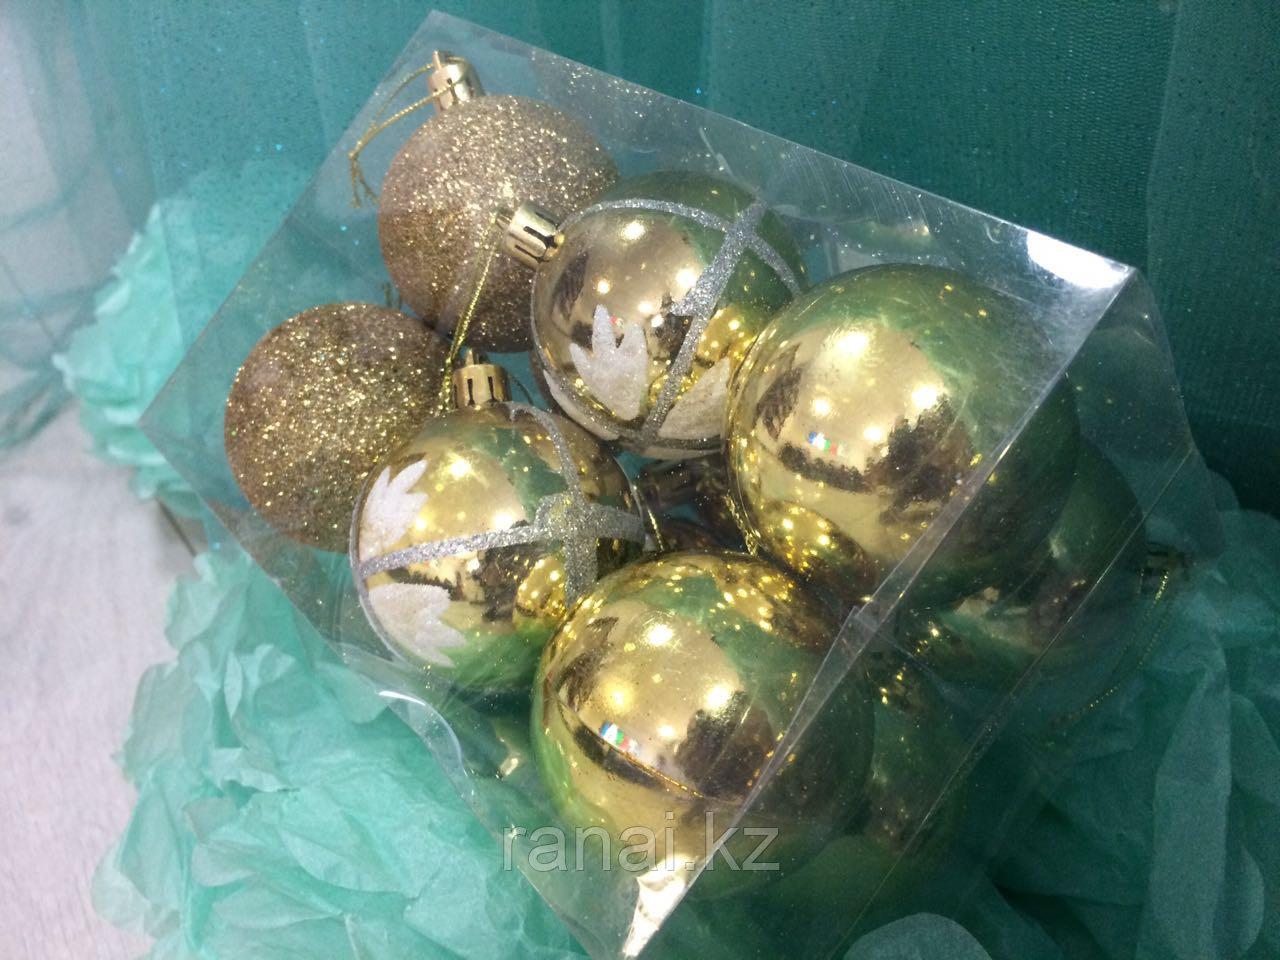 Новогодние наборы в алматы (12 штук)